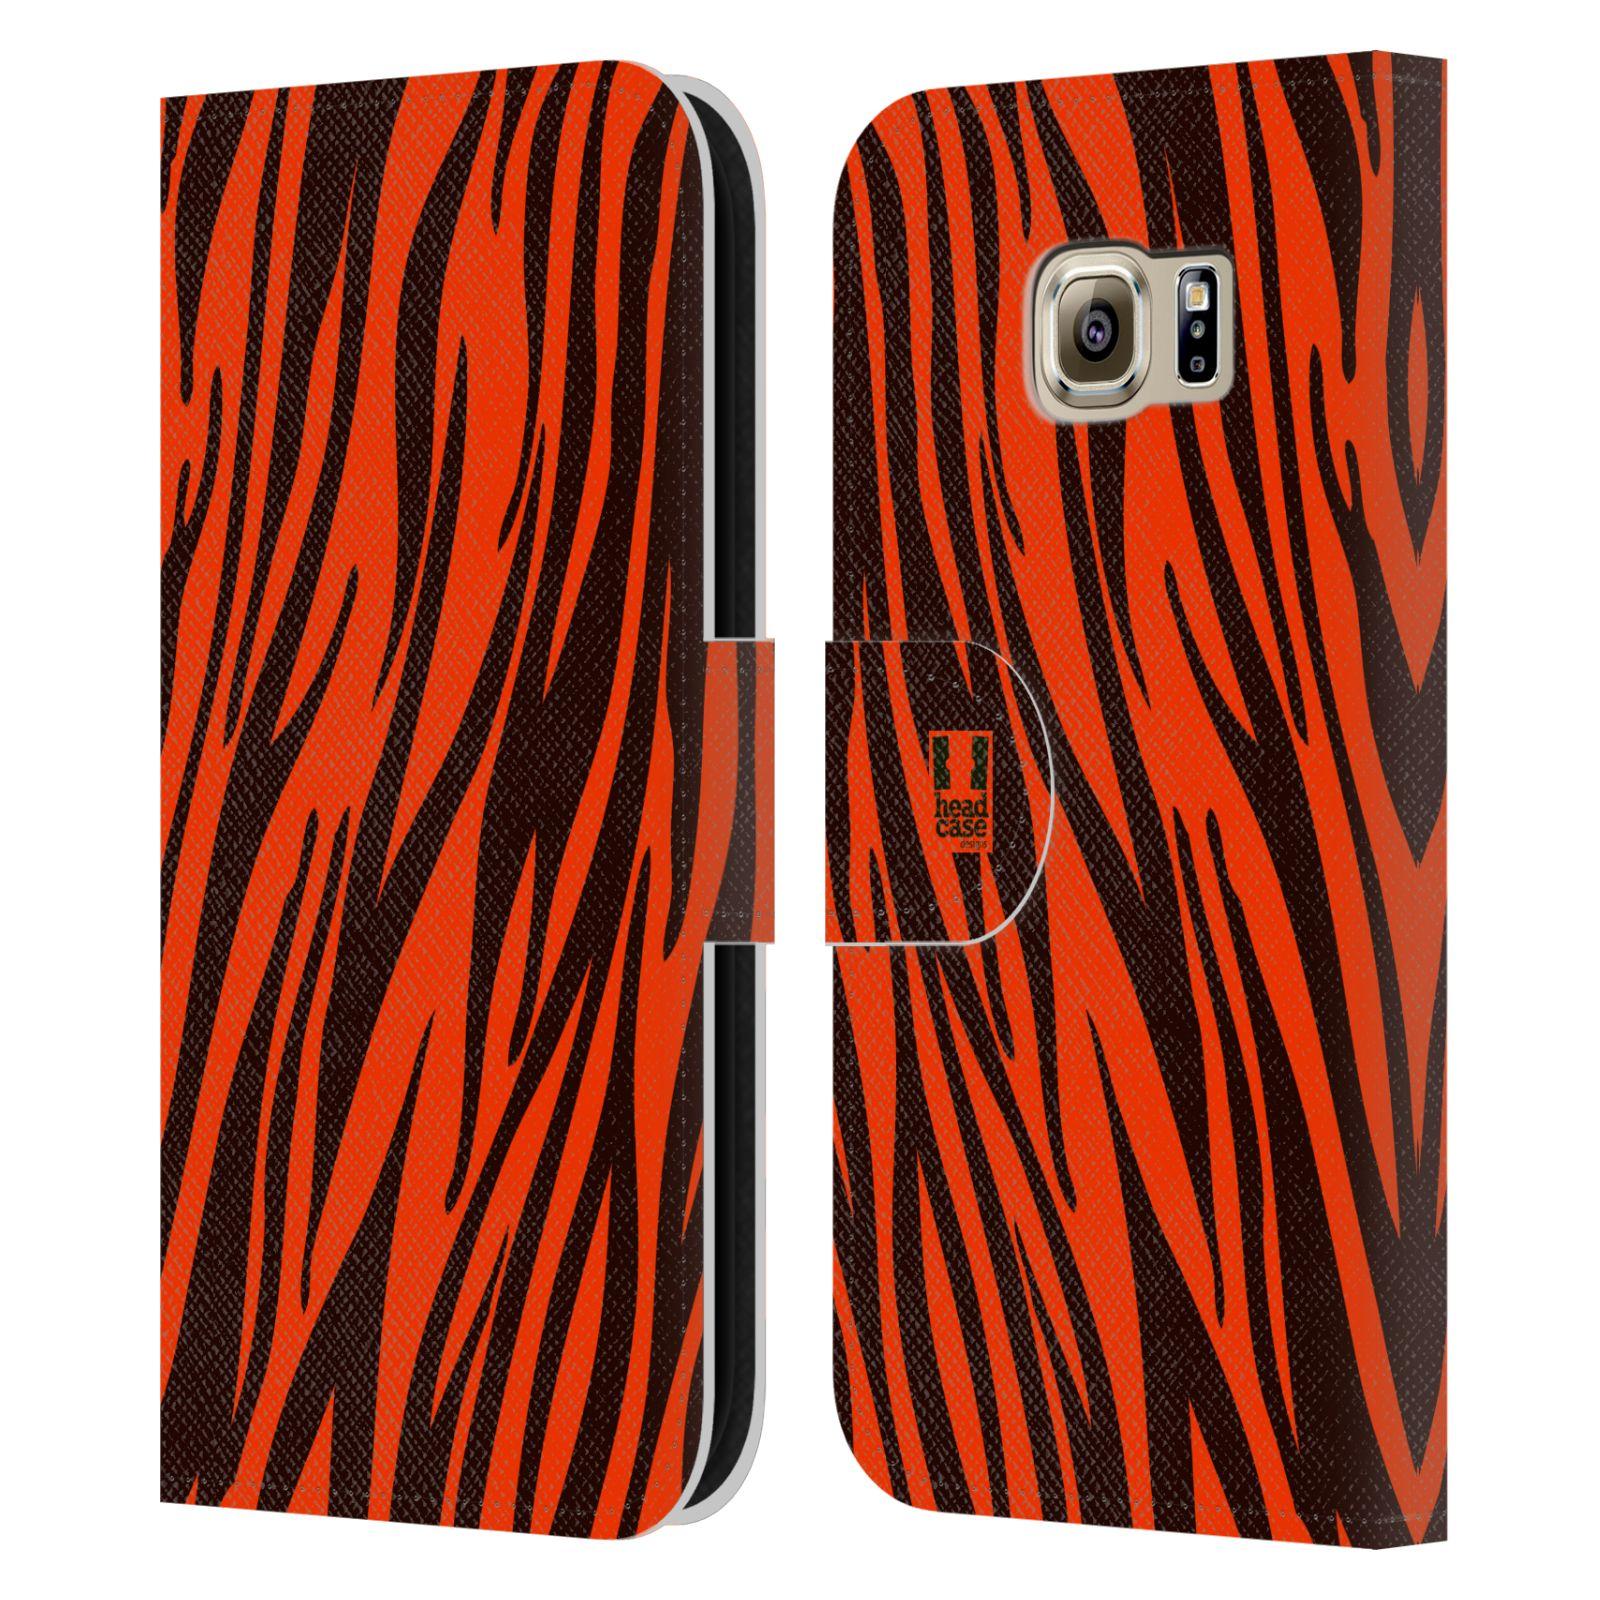 HEAD CASE Flipové pouzdro pro mobil Samsung Galaxy S6 (G9200) Zvířecí barevné vzory oranžový tygr